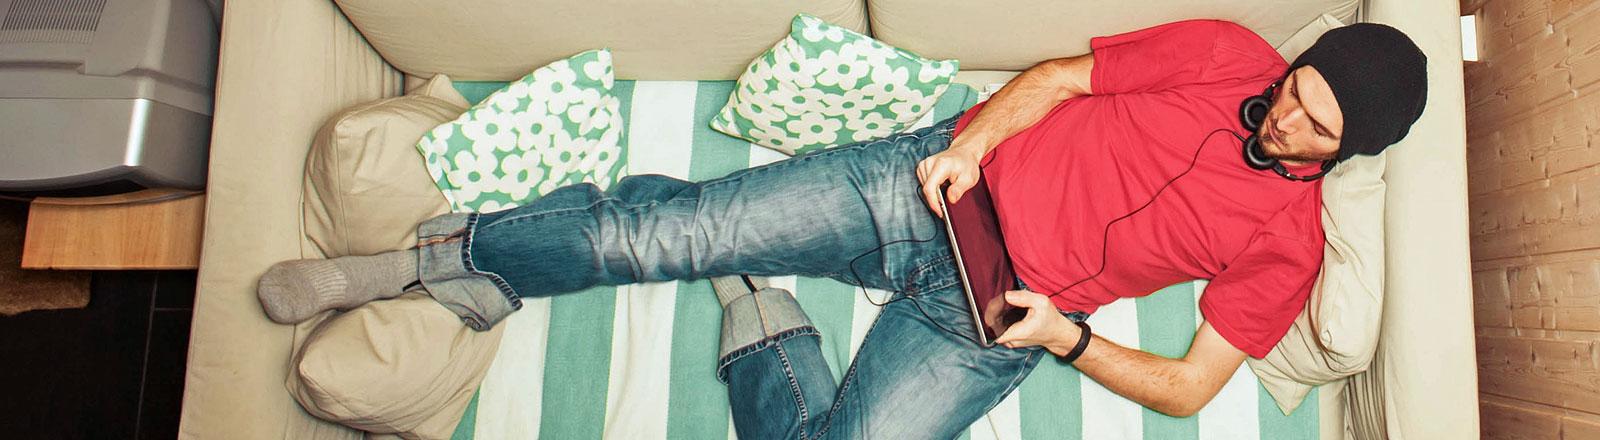 Junger Mann mit Kopfhörern und Tablet auf dem Sofa